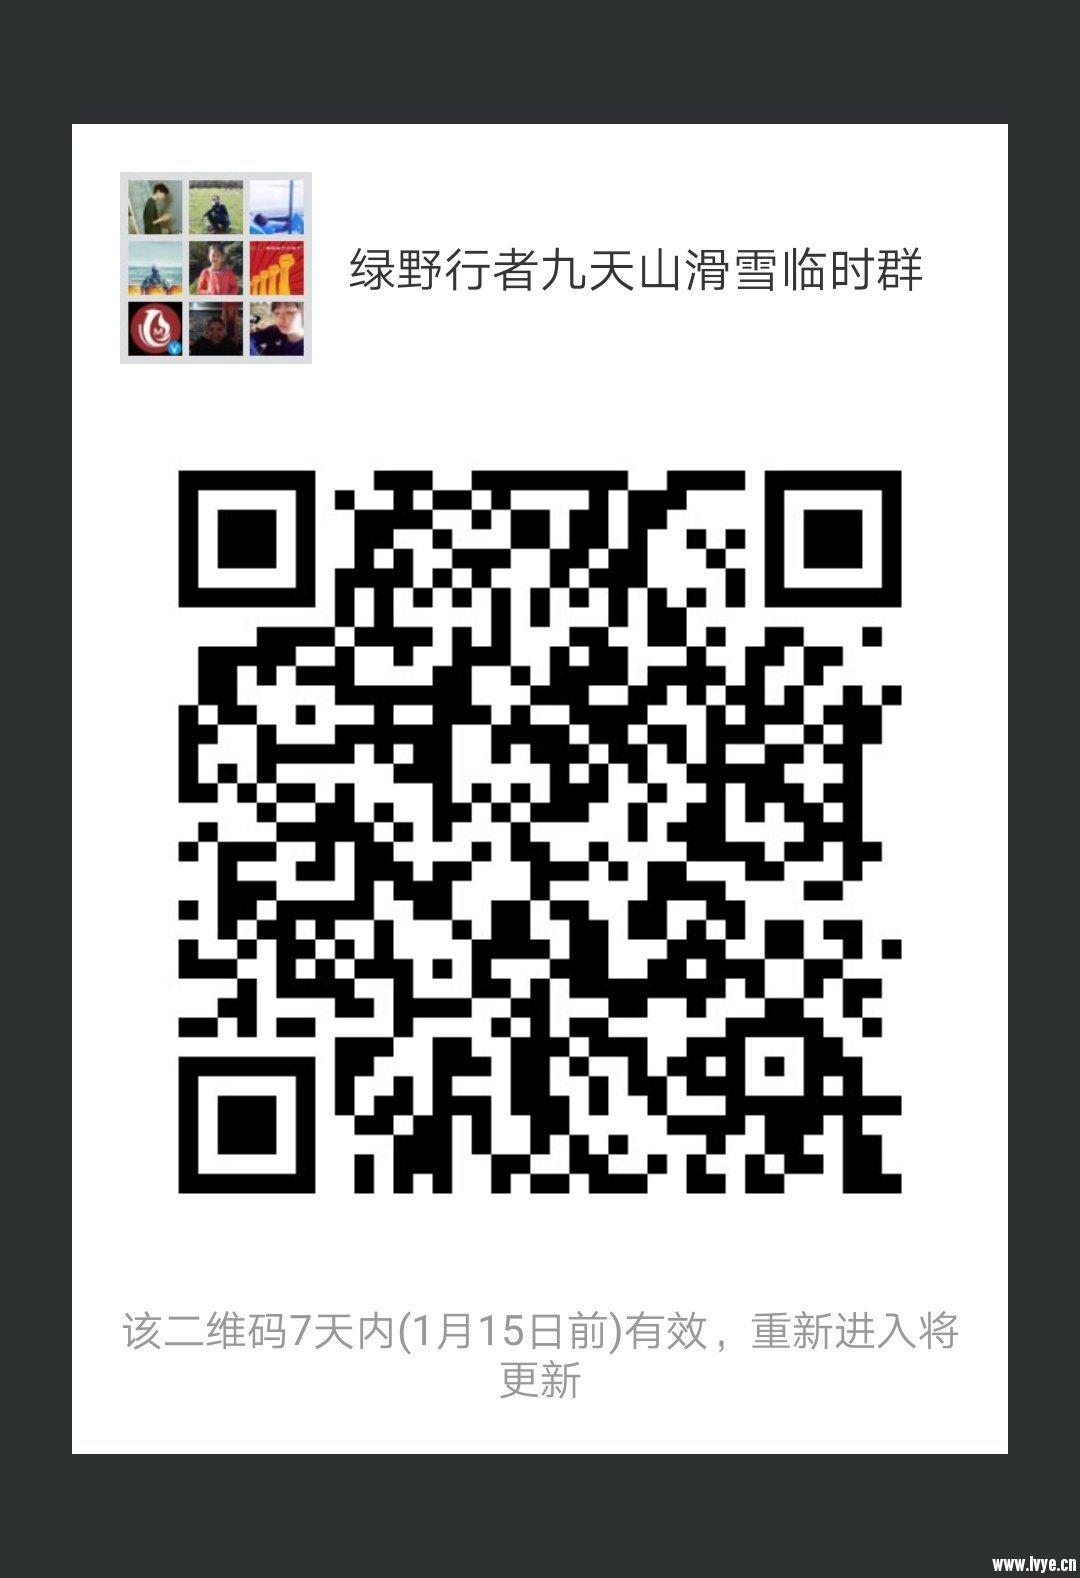 617651375743868706.jpg